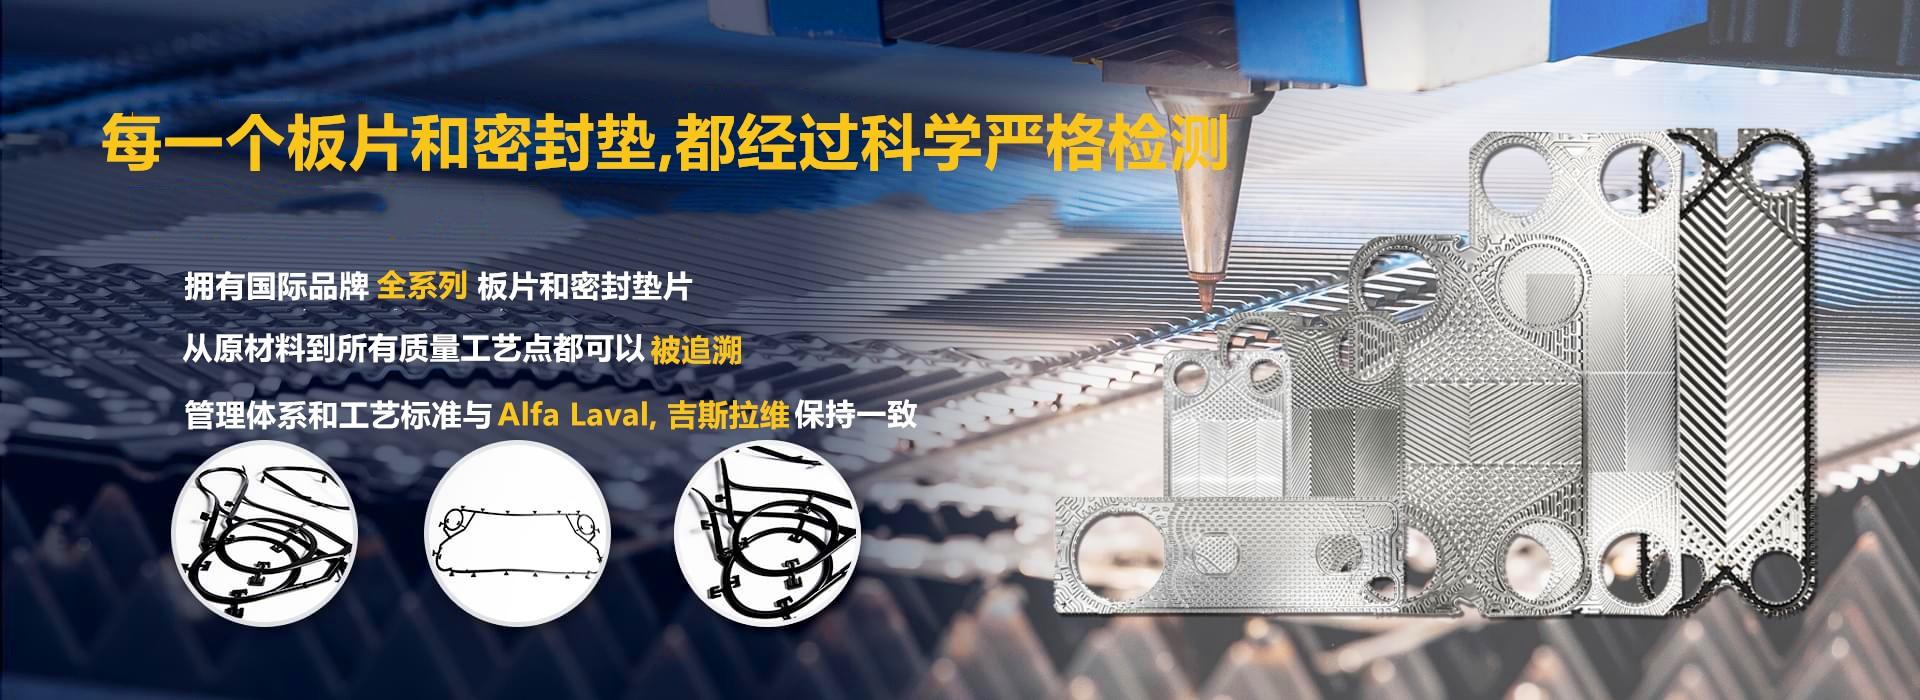 进口品质板式换热器生产厂家青岛瑞普特